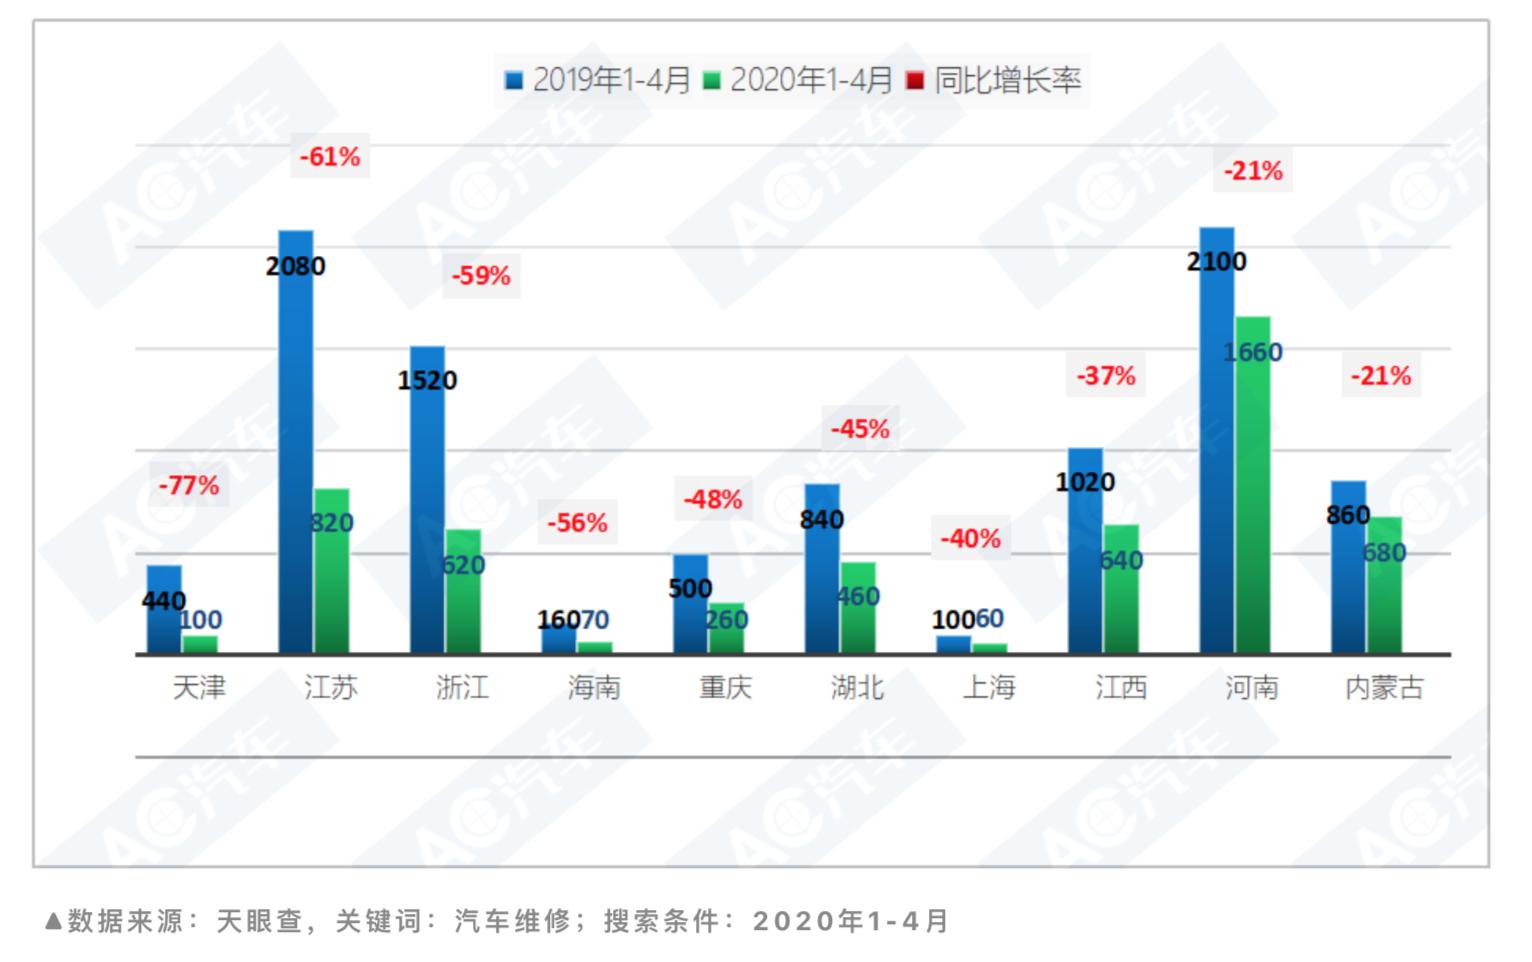 2020年1-4月新增门店数量排名前十省份(二)